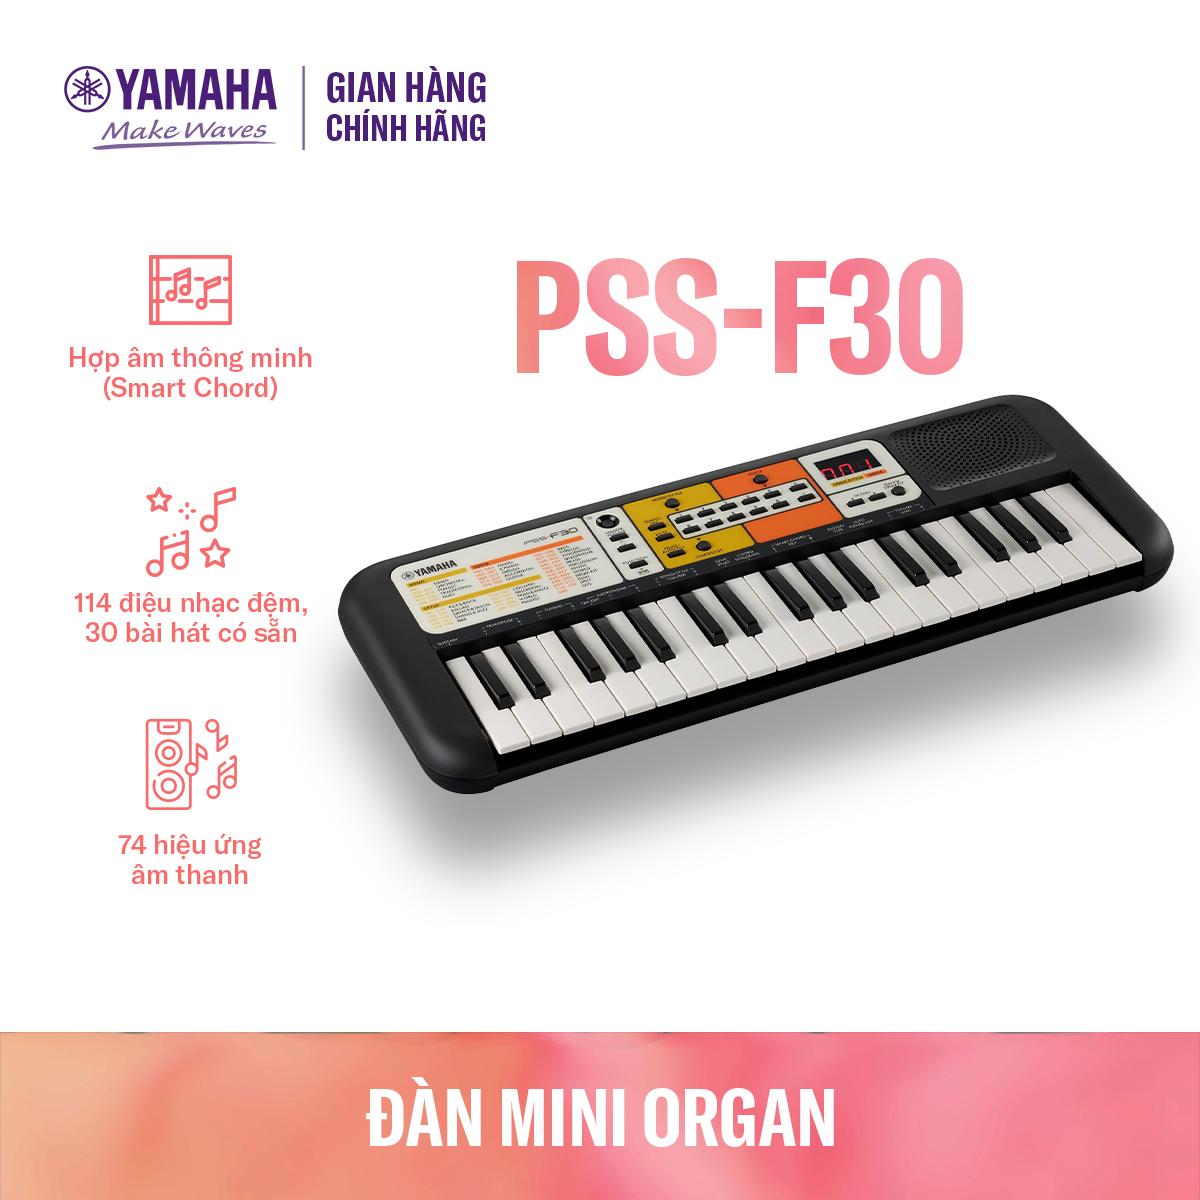 Đàn organ điện tử Yamaha cho trẻ em PSS-F30 - Bàn phím mini - 120 Tiếng nhạc - 114 điệu nhạc đệm - Giắc cắm loa và tai nghe tích hợp - Bảo hành chính hãng 12 tháng